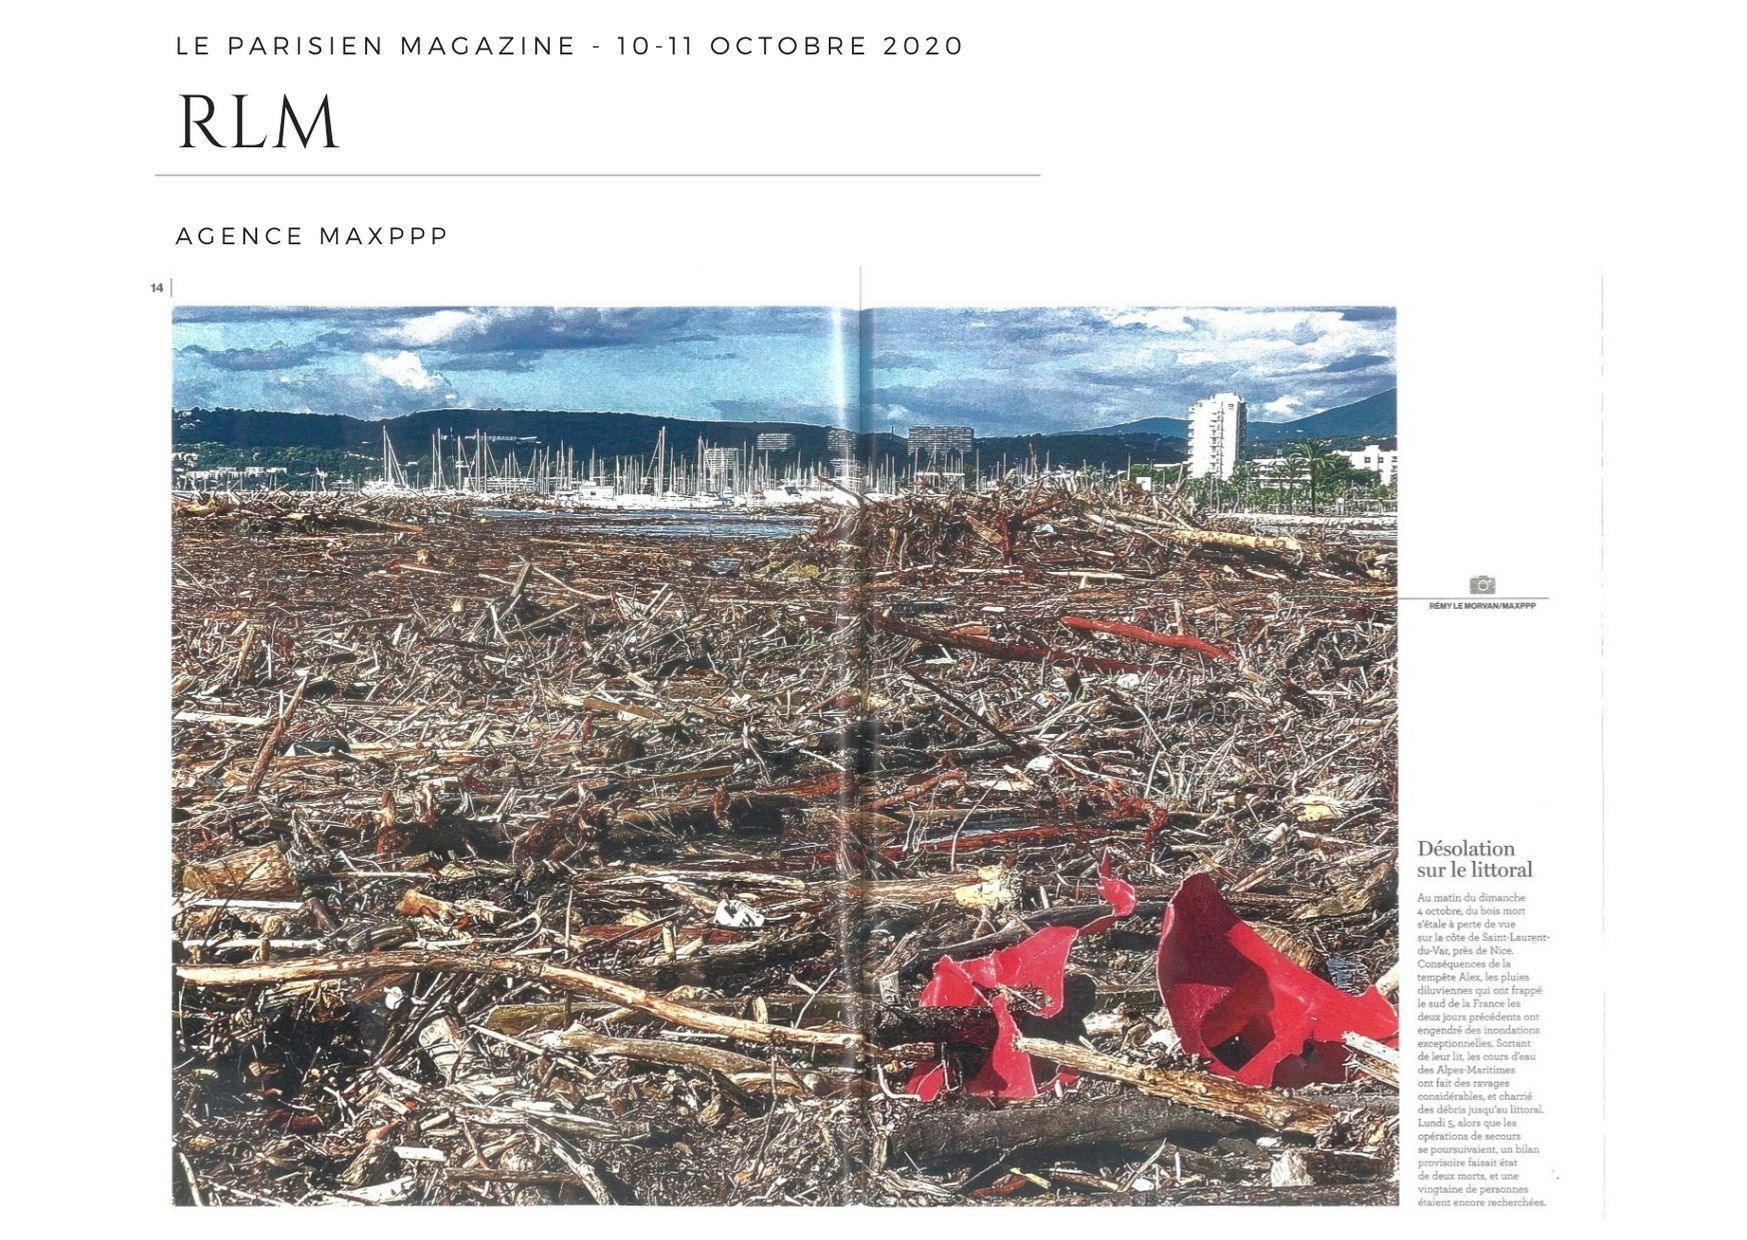 Le Parisien Magazine - Octobre 2020